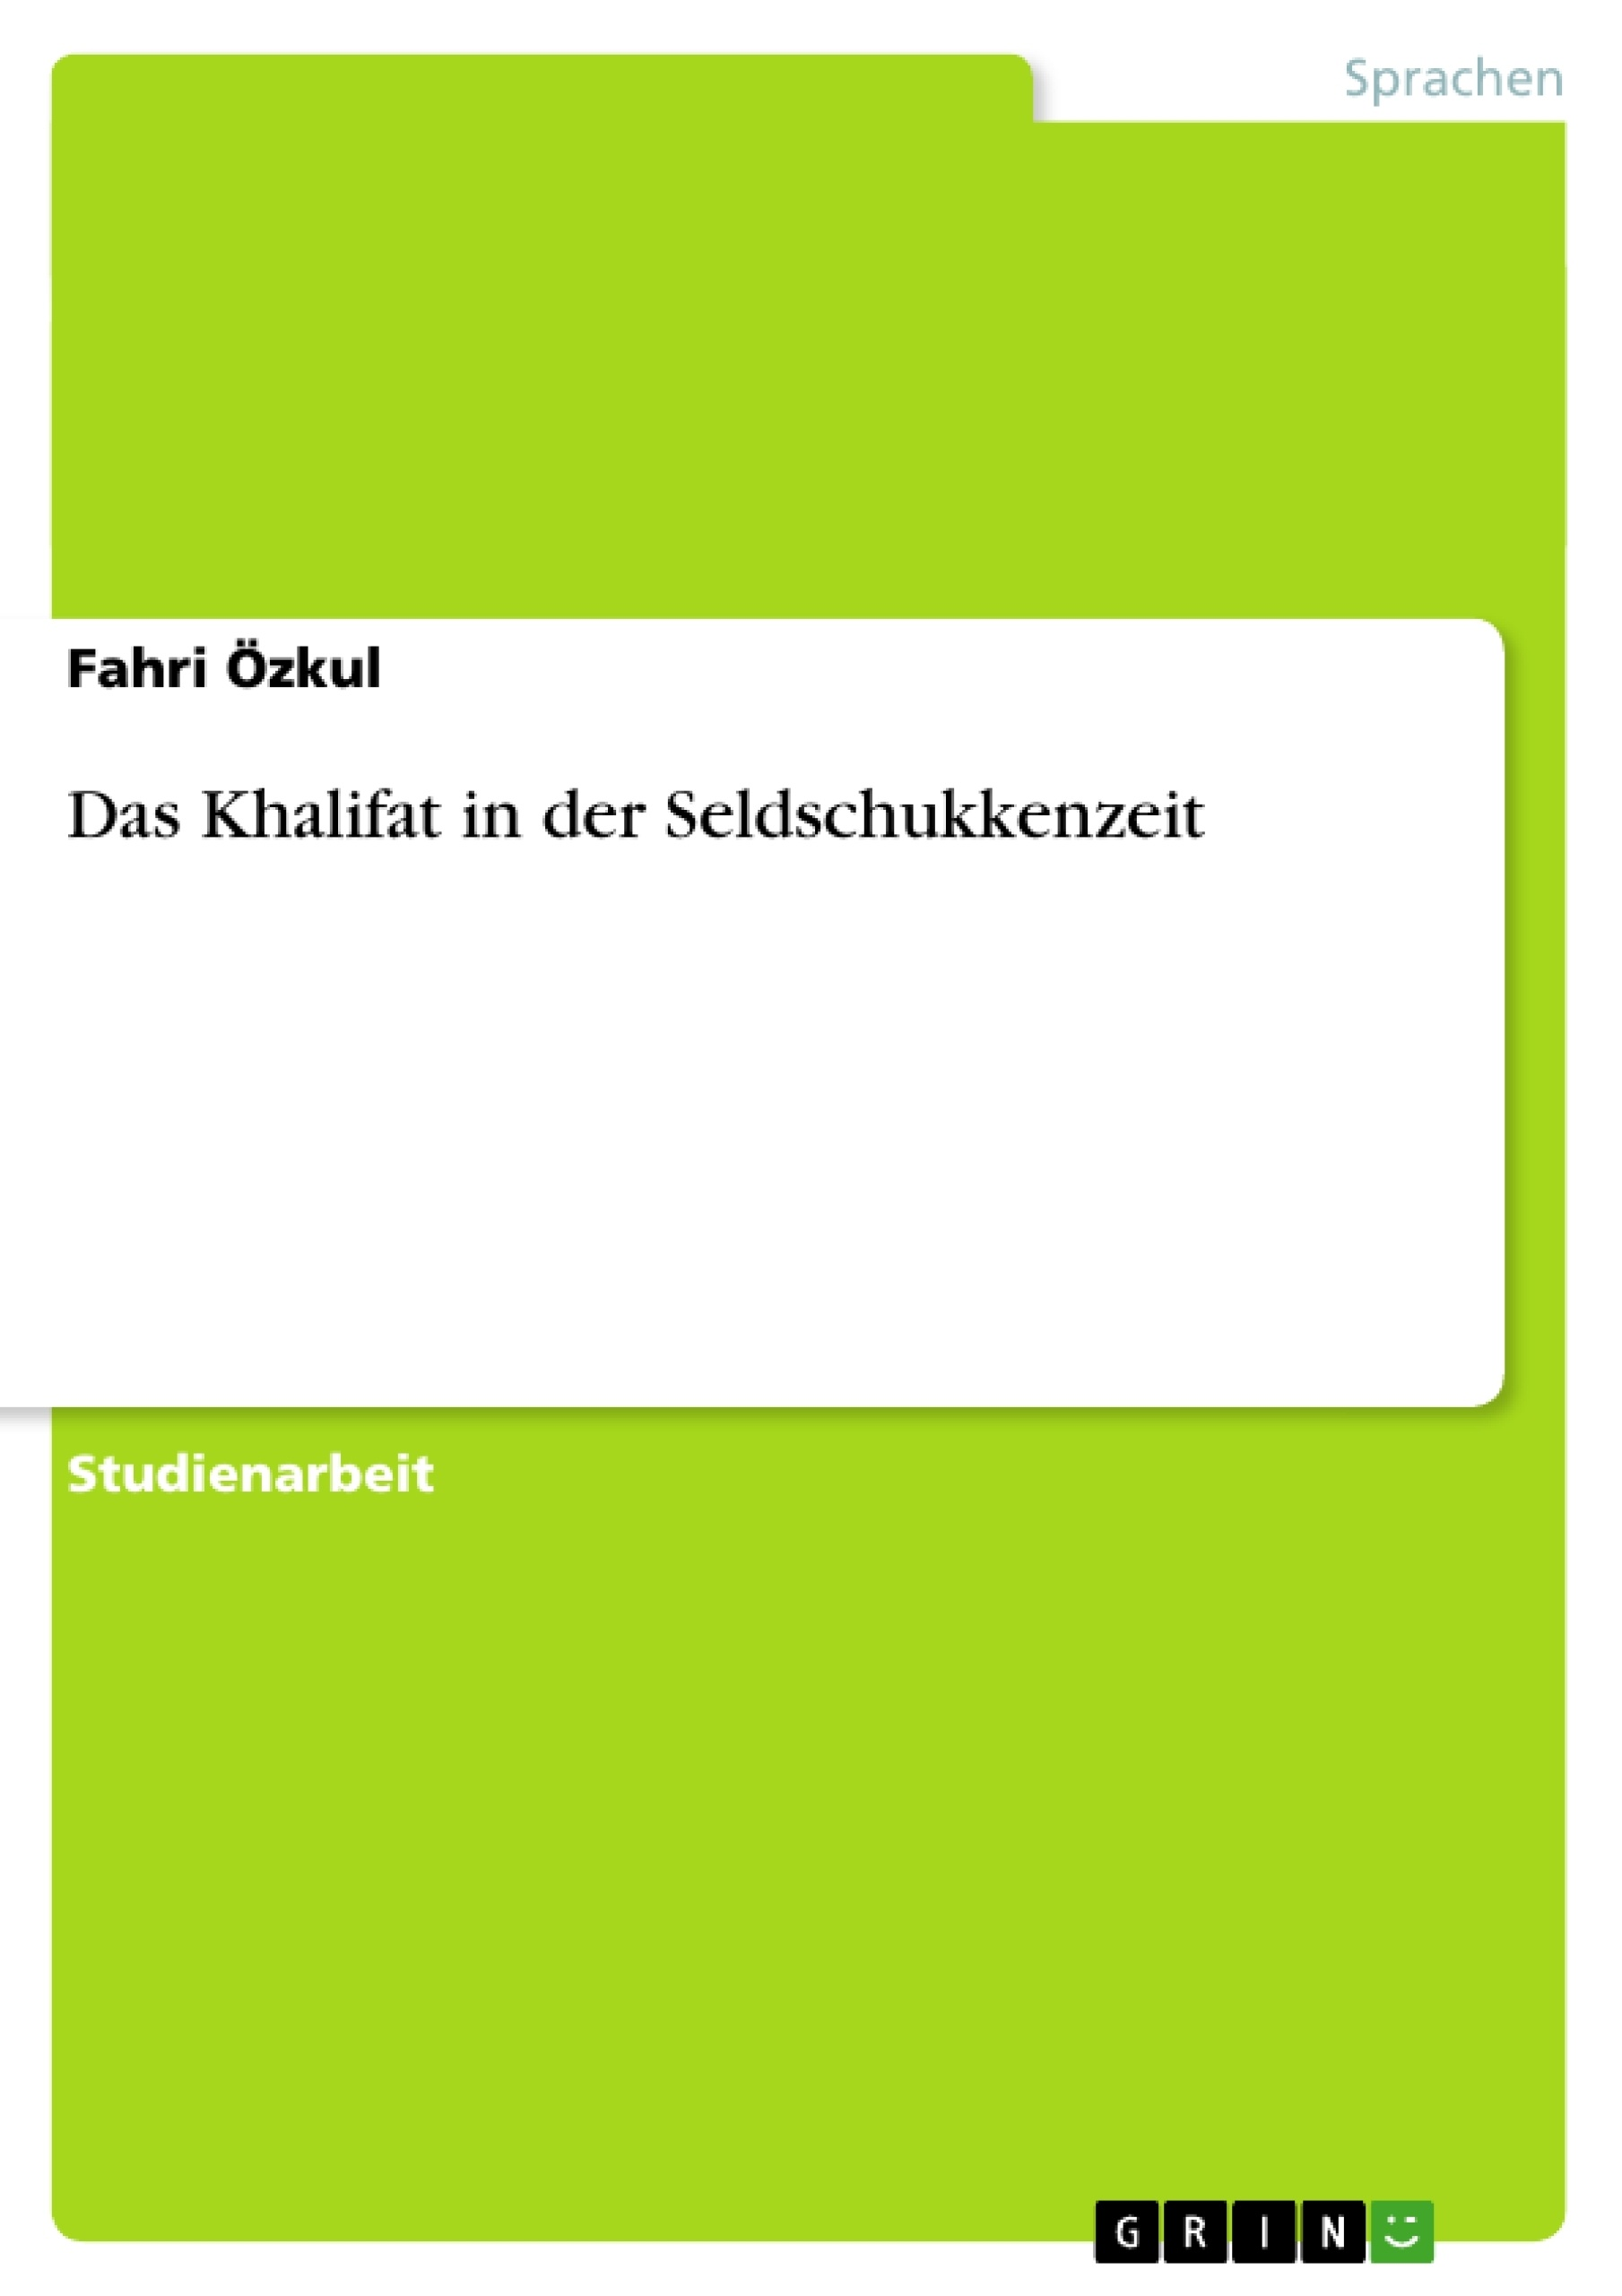 Titel: Das Khalifat in der Seldschukkenzeit